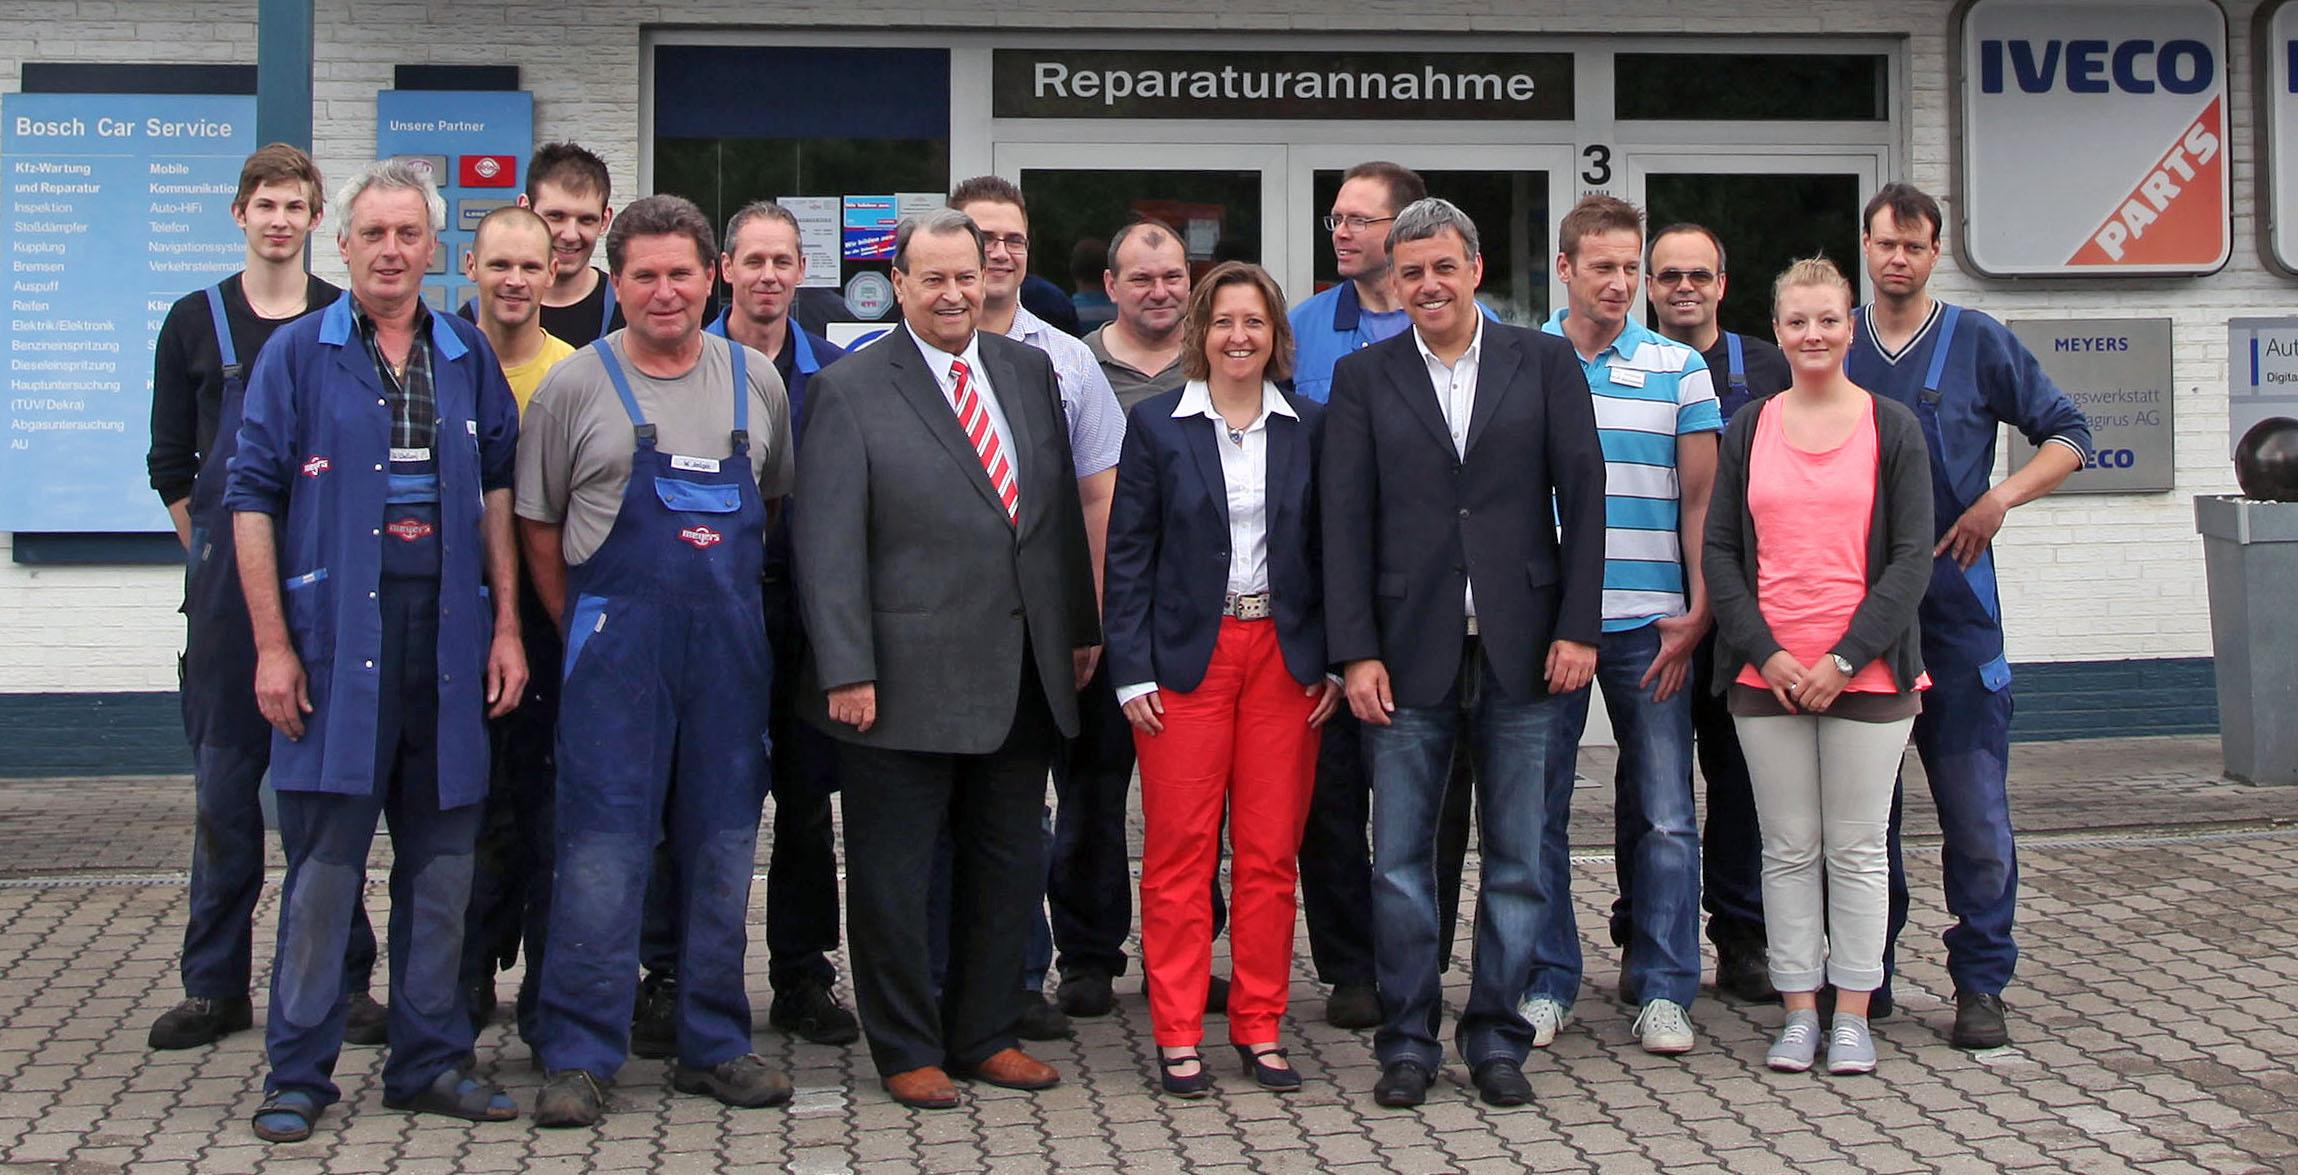 meyers gmbh - das team